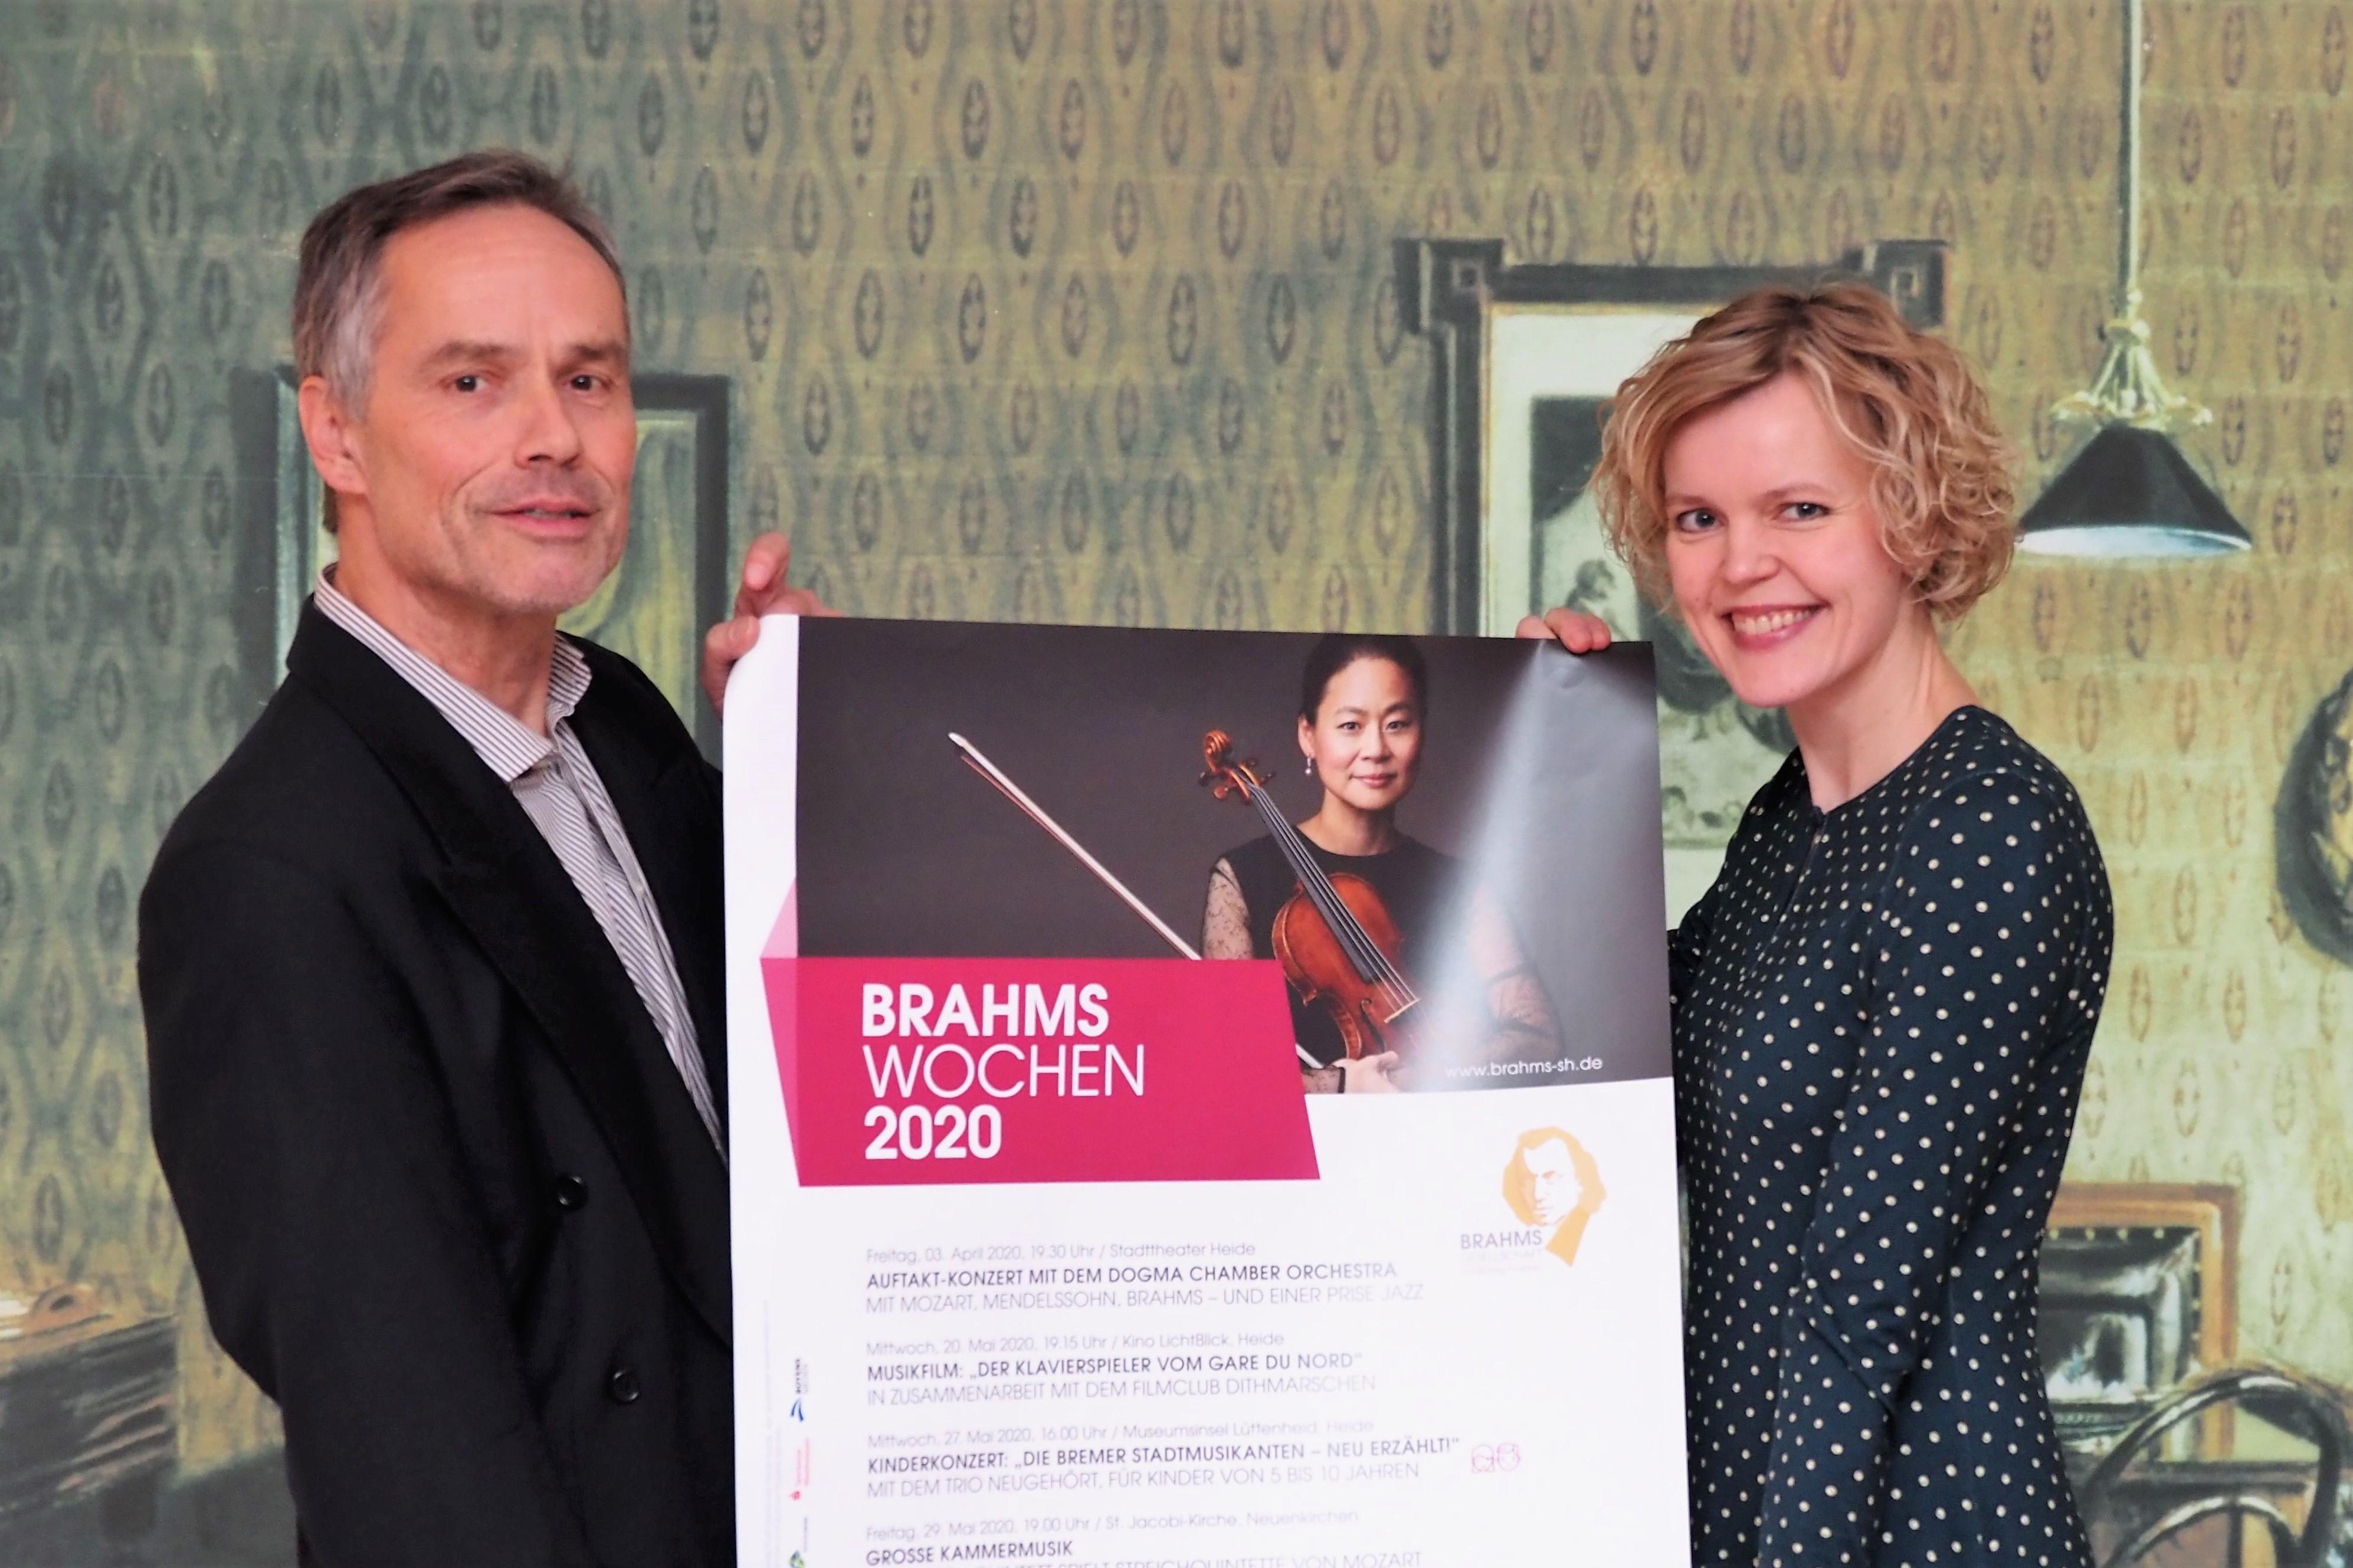 ACHTUNG: Brahms-Wochen abgesagt